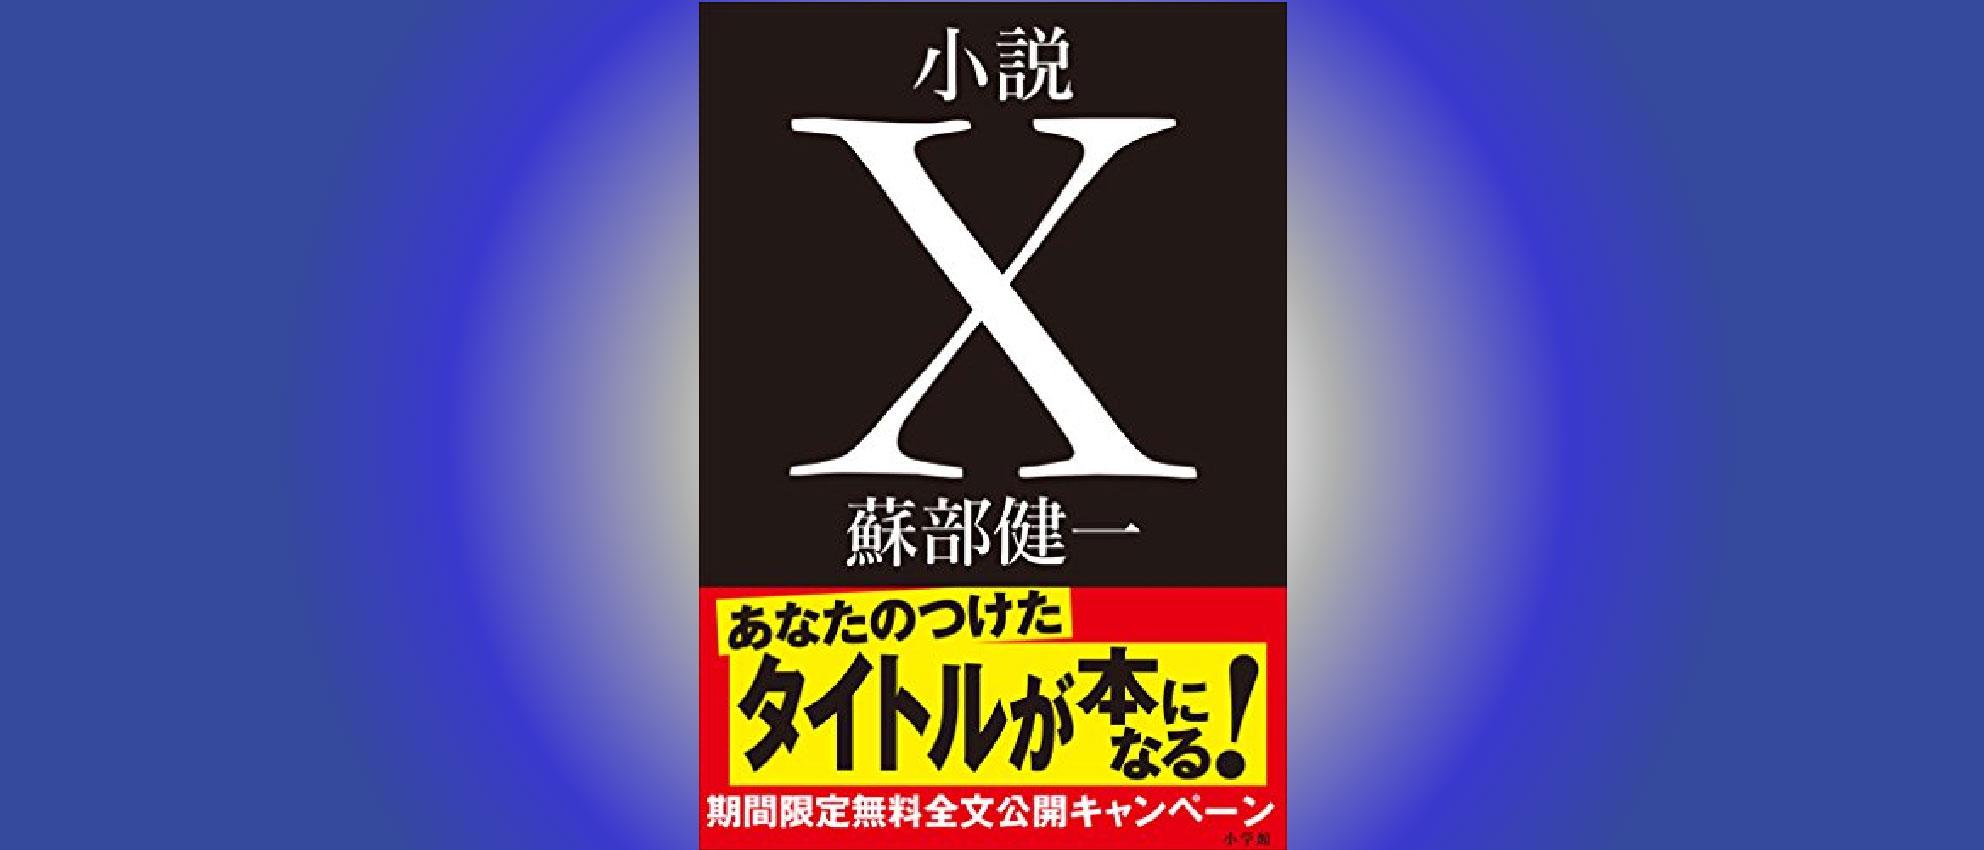 タイトル募集中の『小説X(タイトル仮)』(小学館)が2018年1月23日単行本発売!